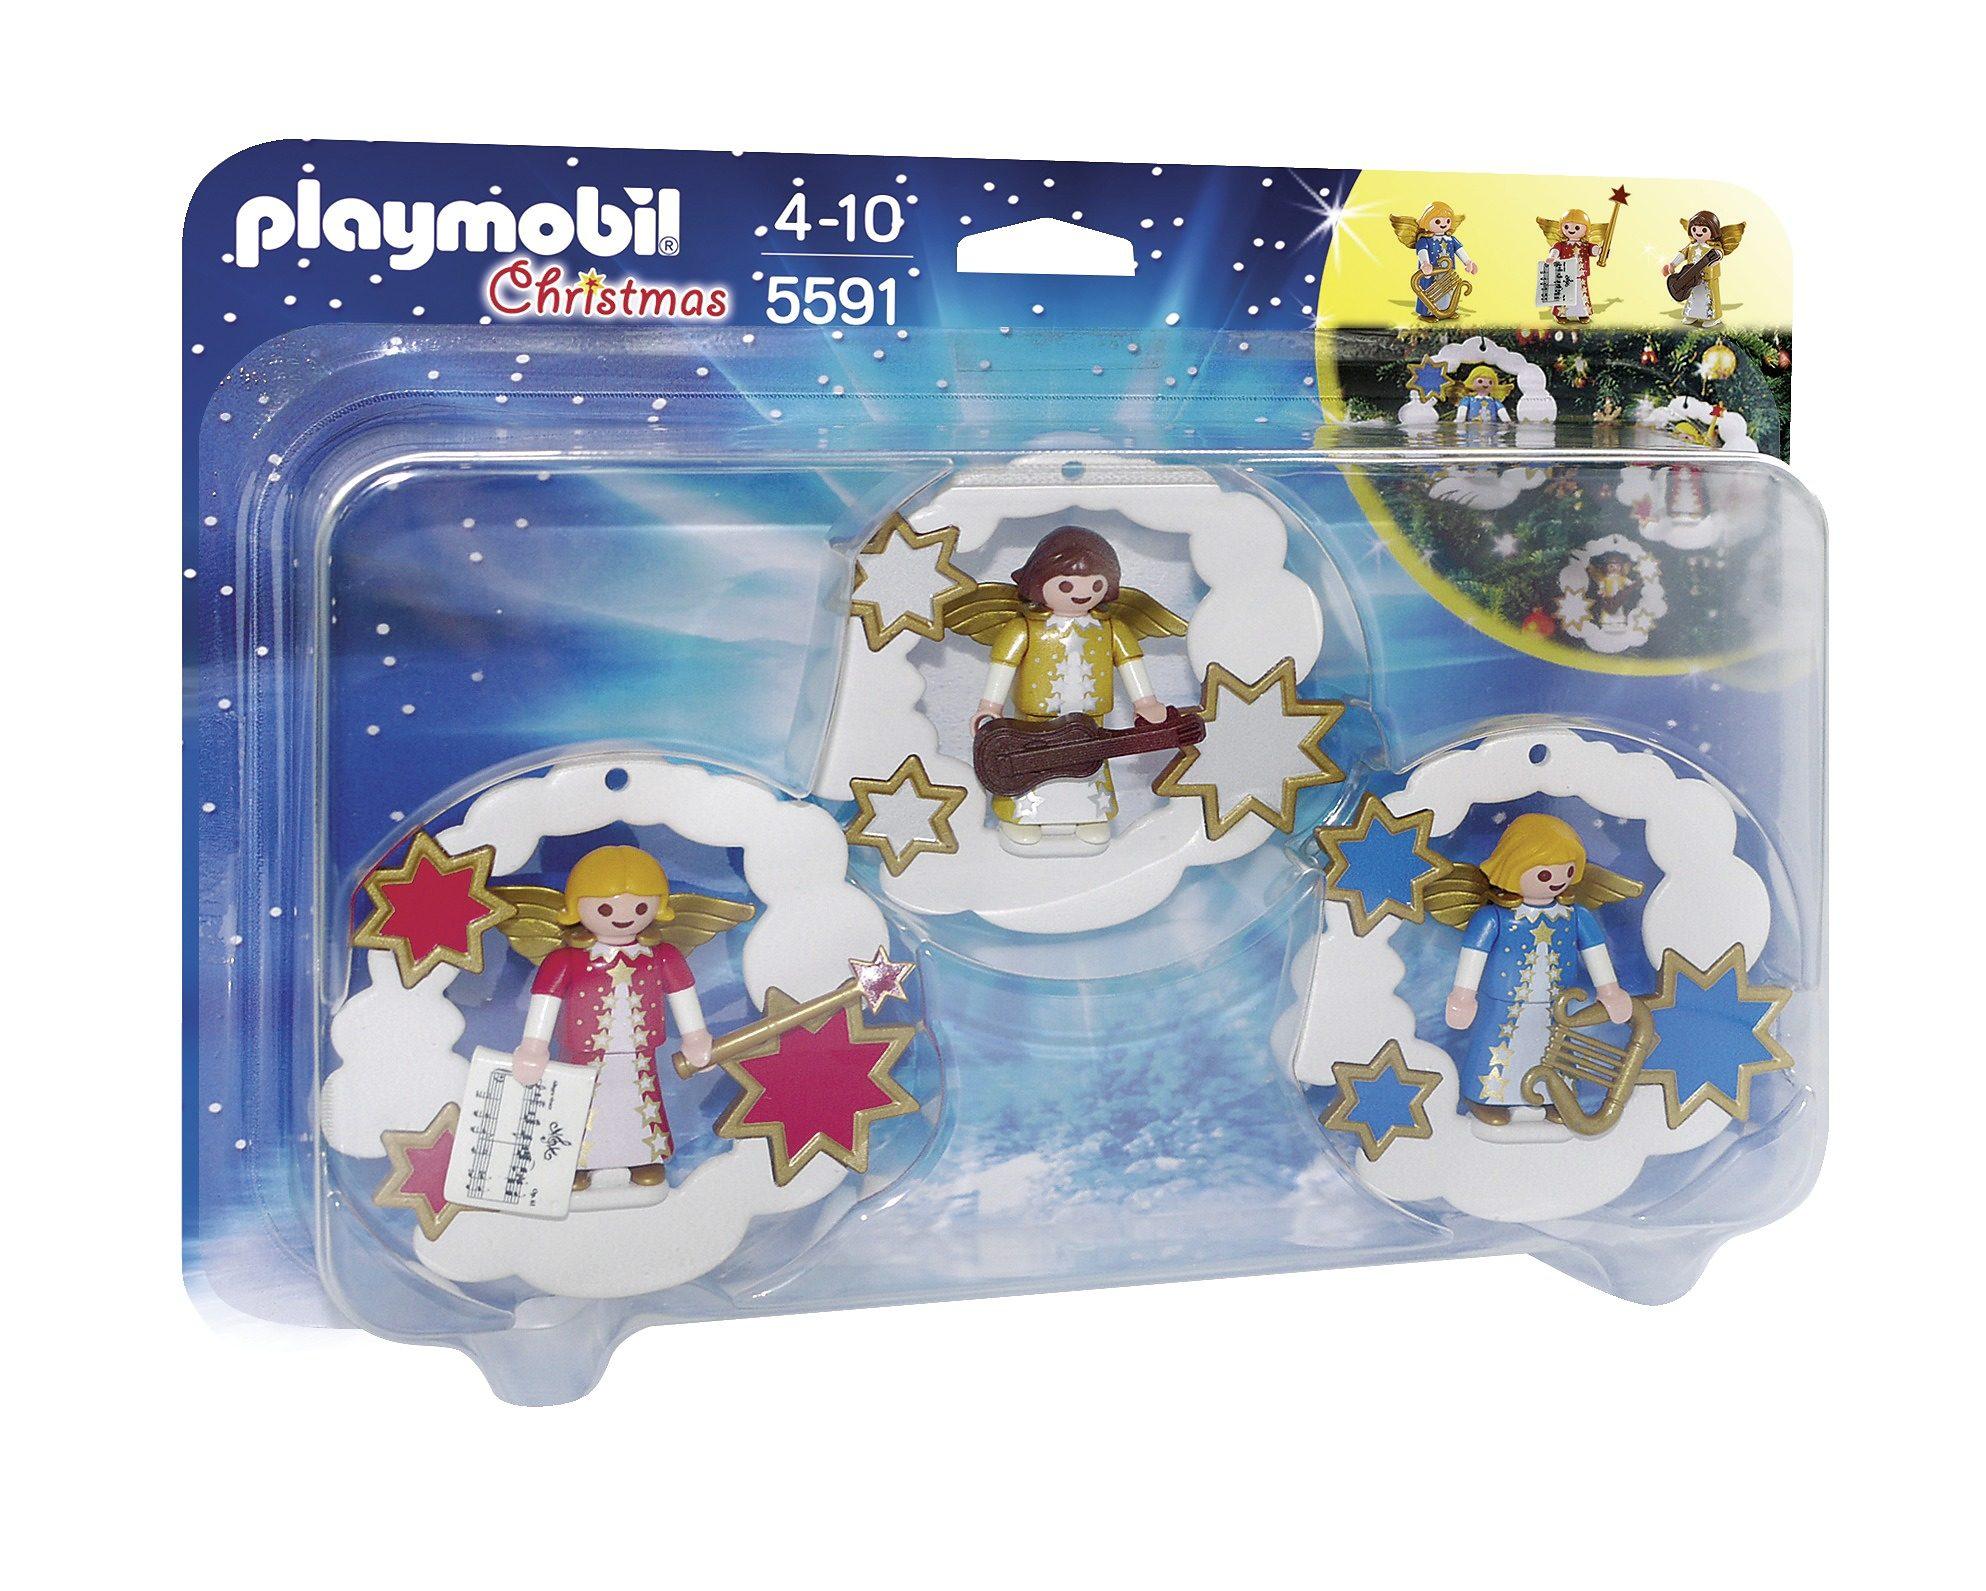 Playmobil® Weihnachtsdeko »Engelchen« (5591), Christmas